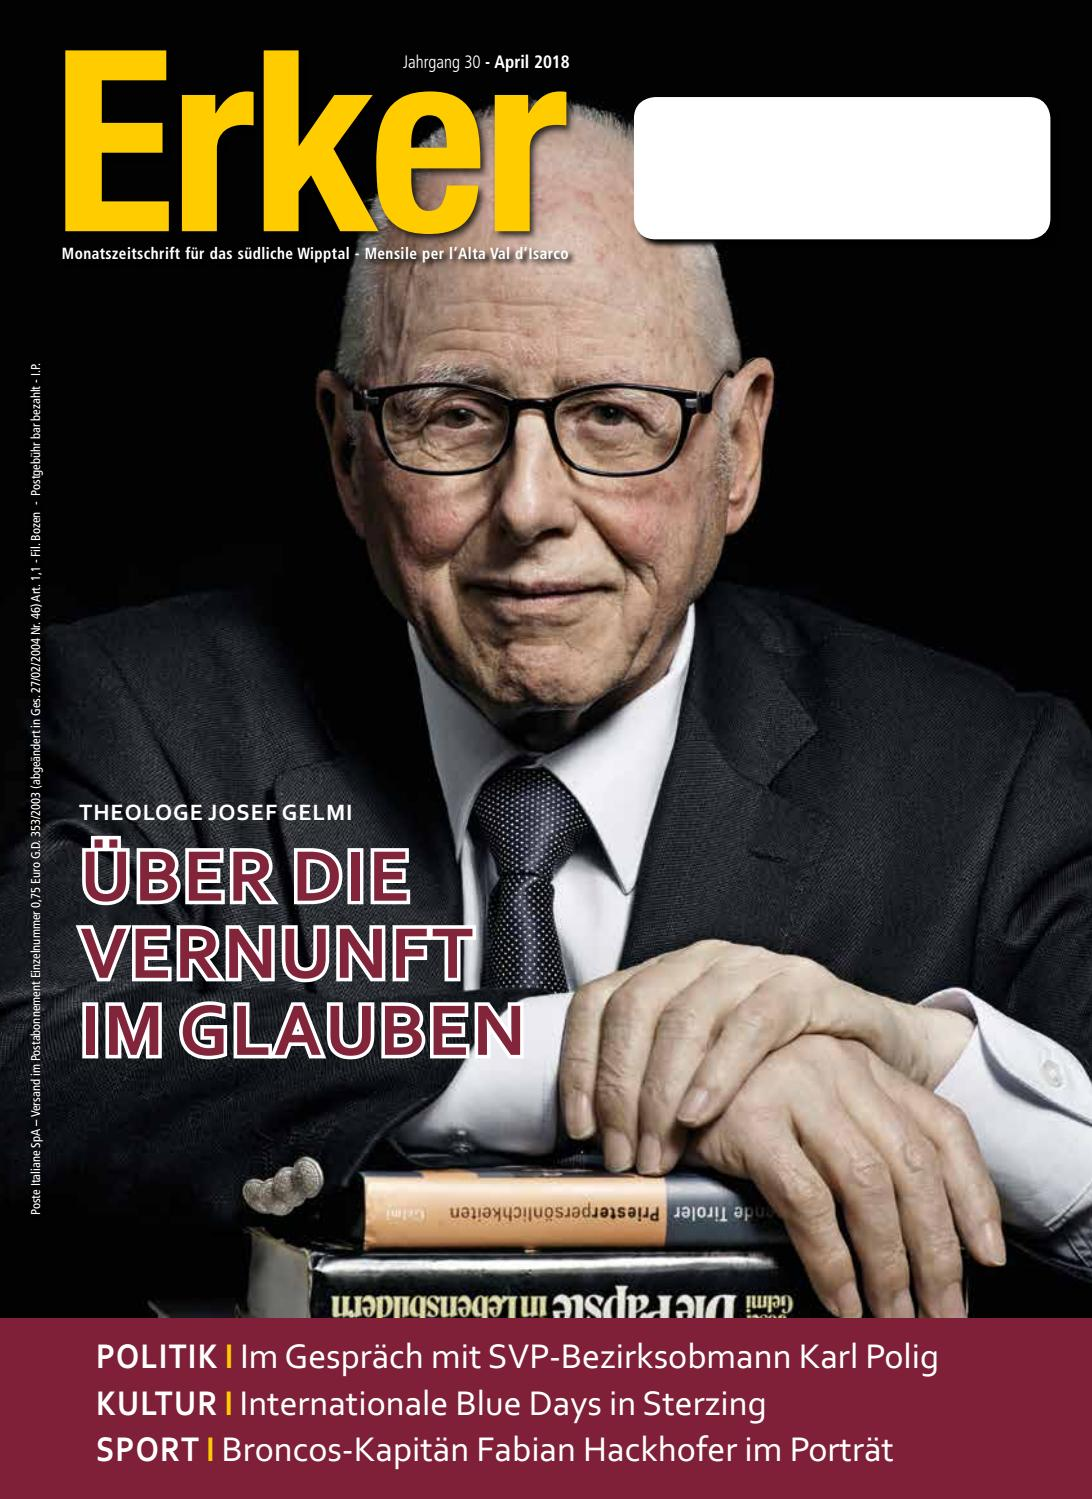 deutschland online kennenlernen sie braucht zeit suriname vera